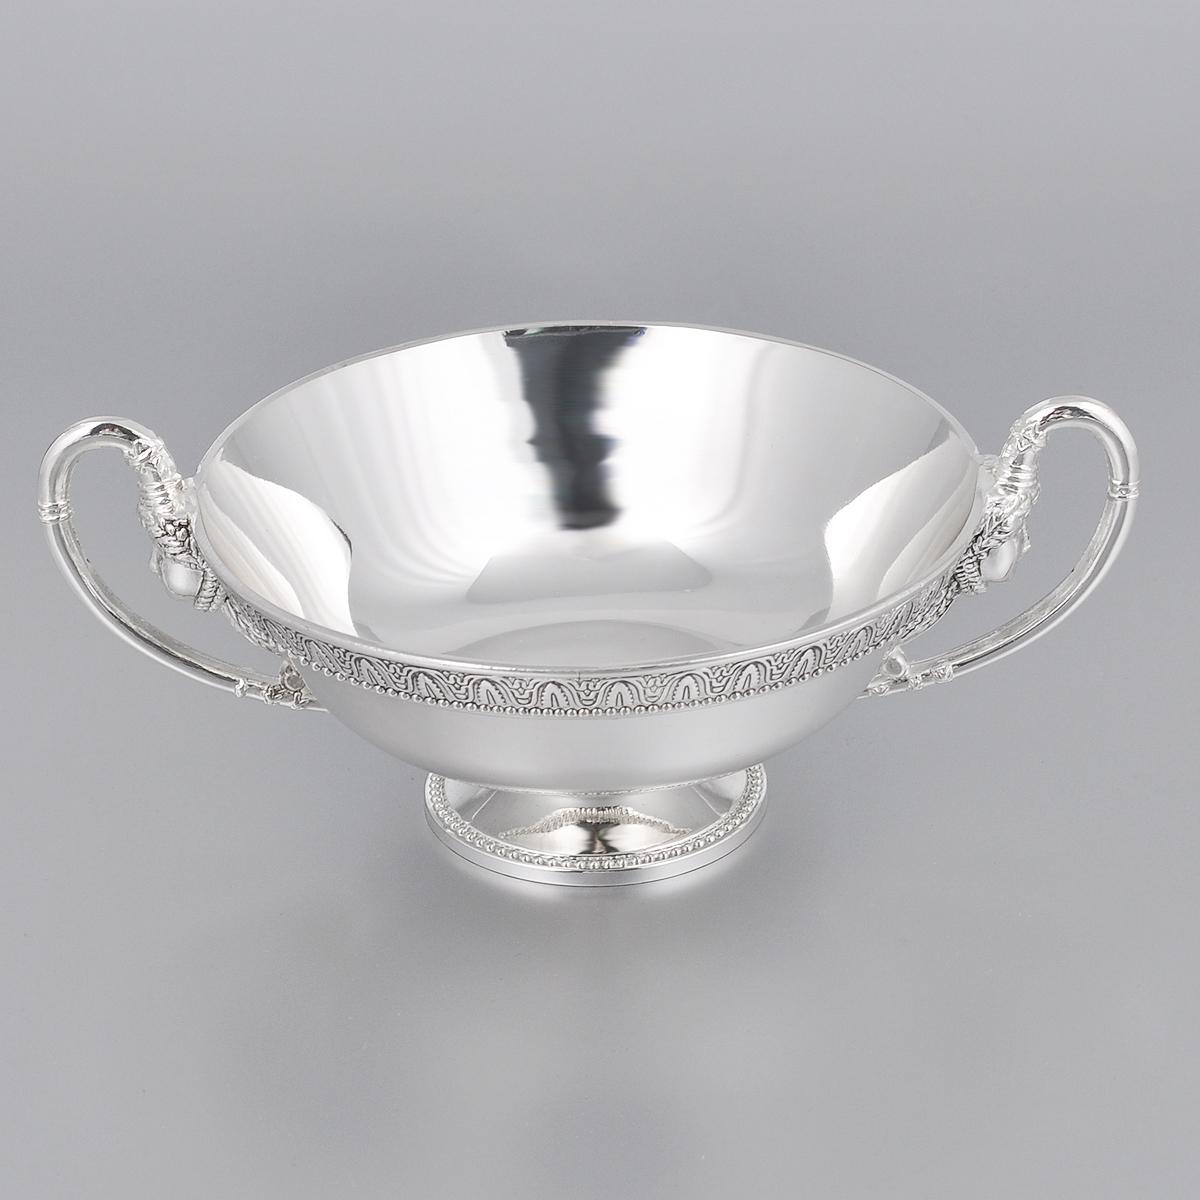 Ваза универсальная Marquis, диаметр 13 см3072-MRУниверсальная ваза Marquis круглой формы выполнена из стали с никель-серебряным покрытием и оформлена каймой с изящным рельефом. Ваза прекрасно подойдет для красивой сервировки конфет, фруктов, пирожных и много другого. Такая ваза придется по вкусу и ценителям классики, и тем, кто предпочитает утонченность и изысканность. Она украсит сервировку вашего стола и подчеркнет прекрасный вкус хозяина, а также станет отличным подарком.Диаметр (по верхнему краю): 13 см.Диаметр основания: 5,5 см.Высота вазы: 5 см.